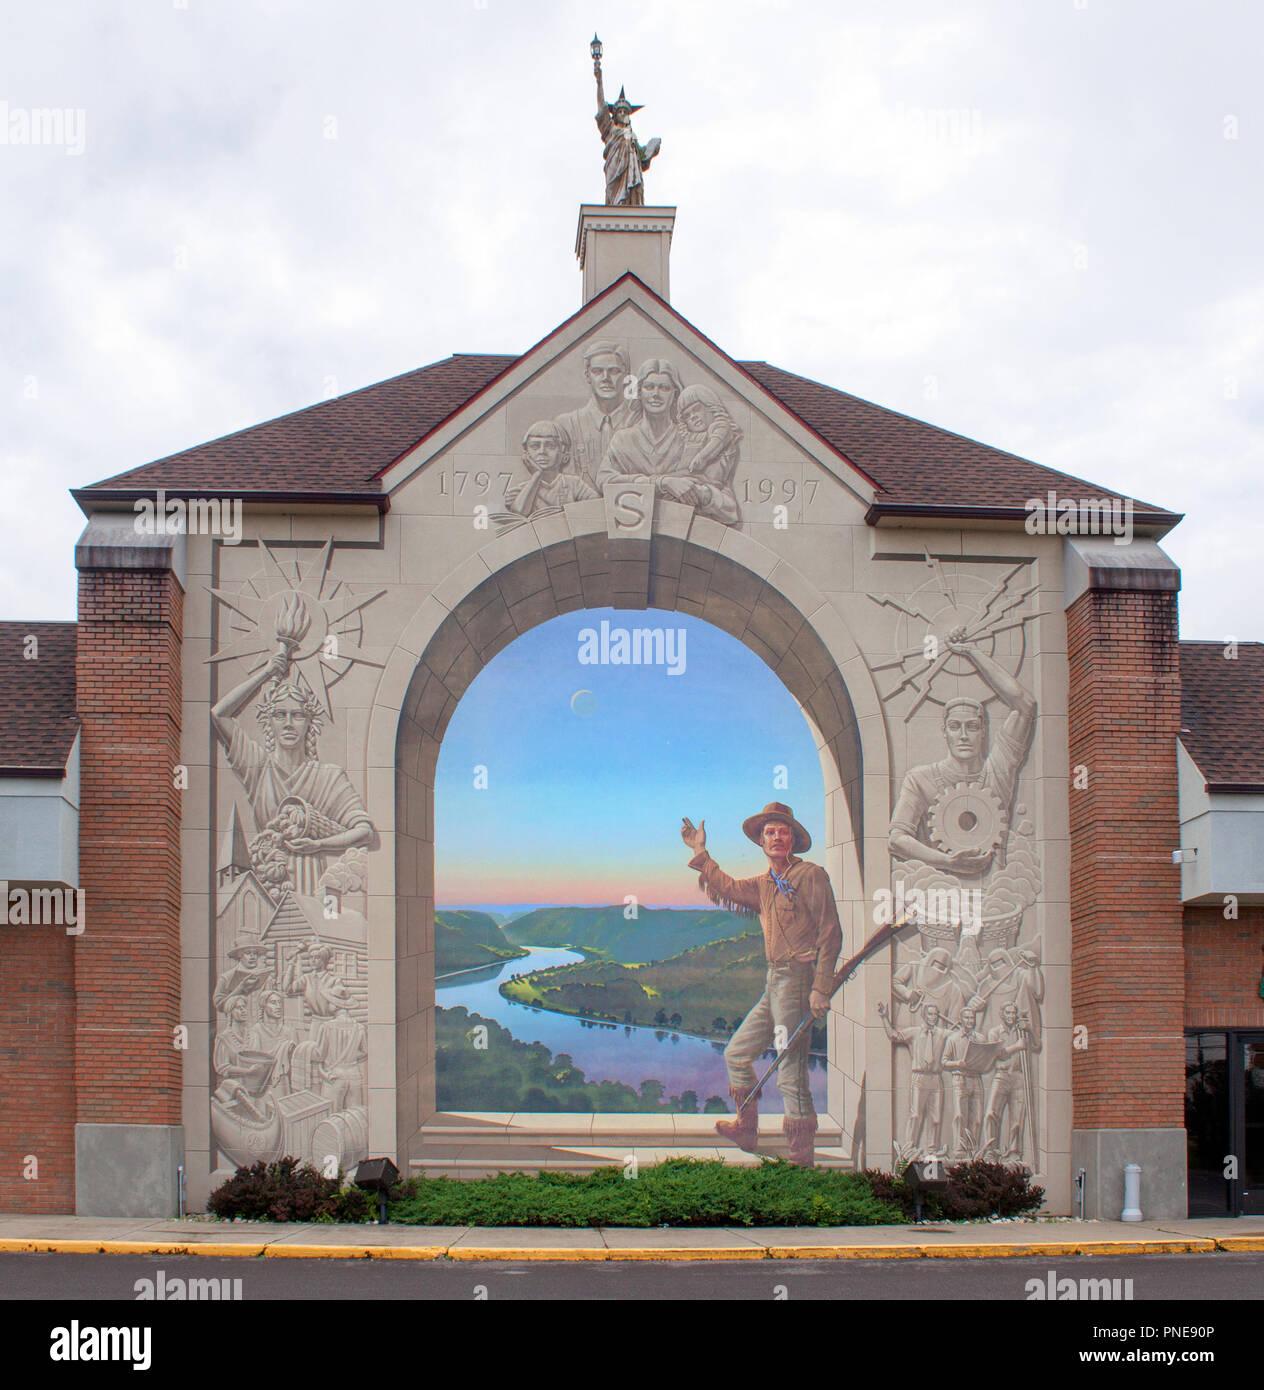 Pioneer Days murale di Steubenville, Ohio Immagini Stock